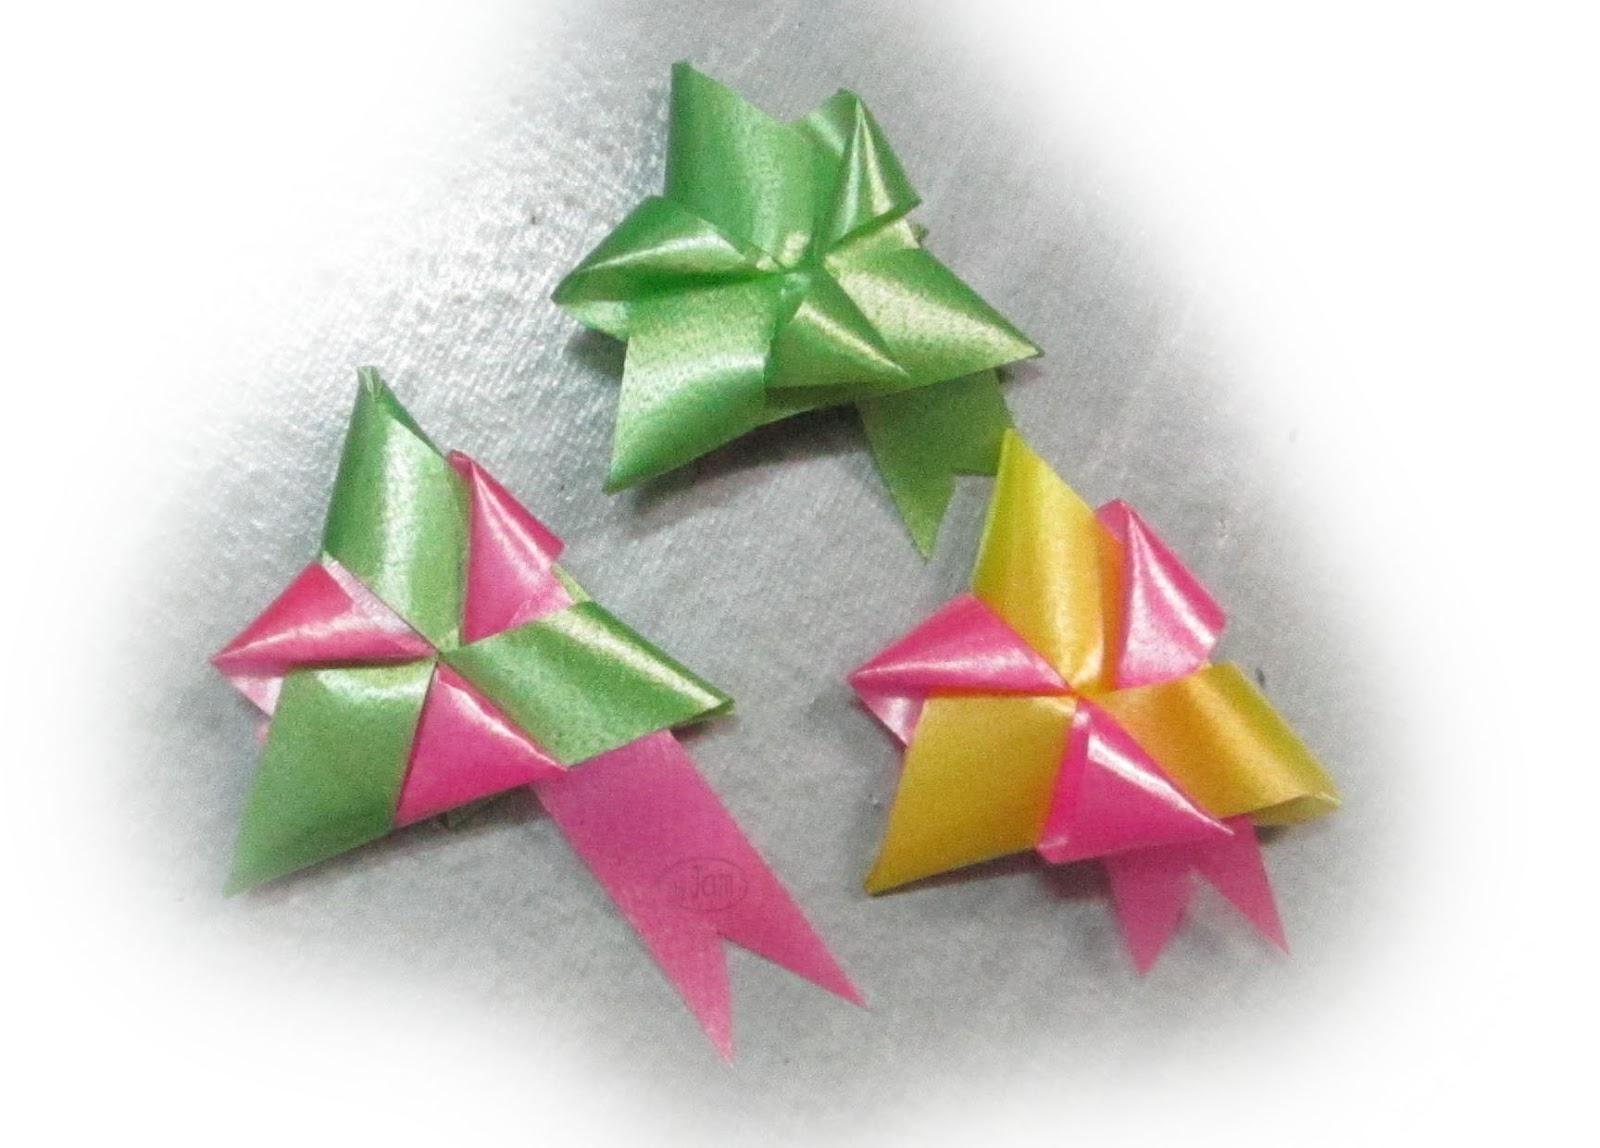 เหรียญโปรยทานสามเหลี่ยม ไตรรัตน์  วิธีพับเหรียญ  lucky coin holder  ribbon weaving craft